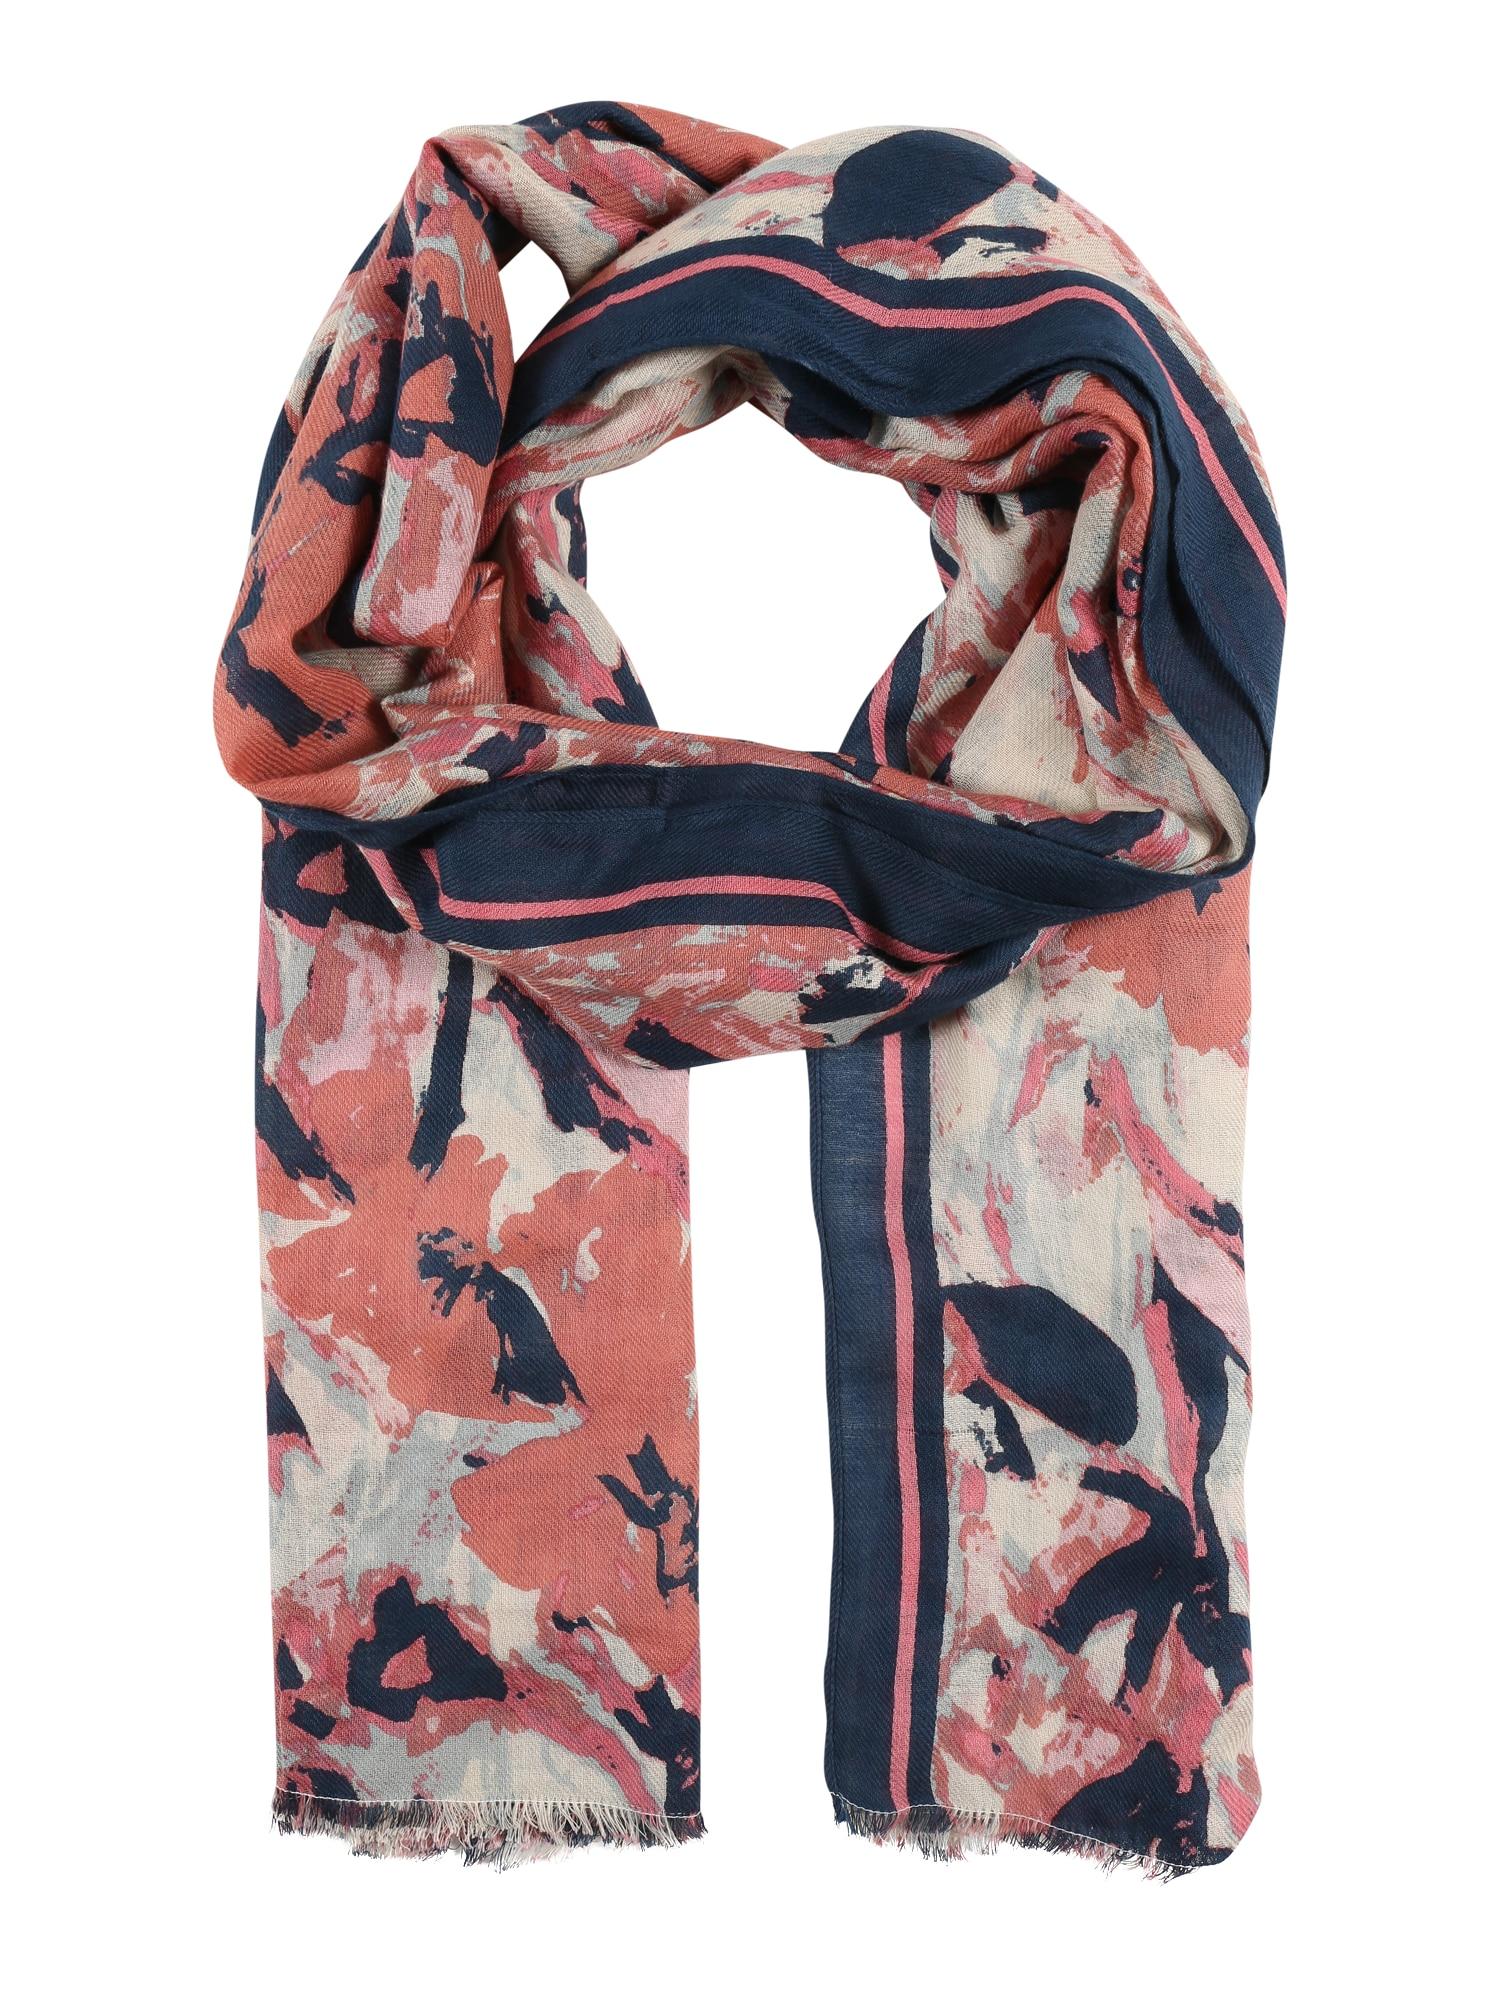 Šátek Blanca námořnická modř růžová UNMADE Copenhagen